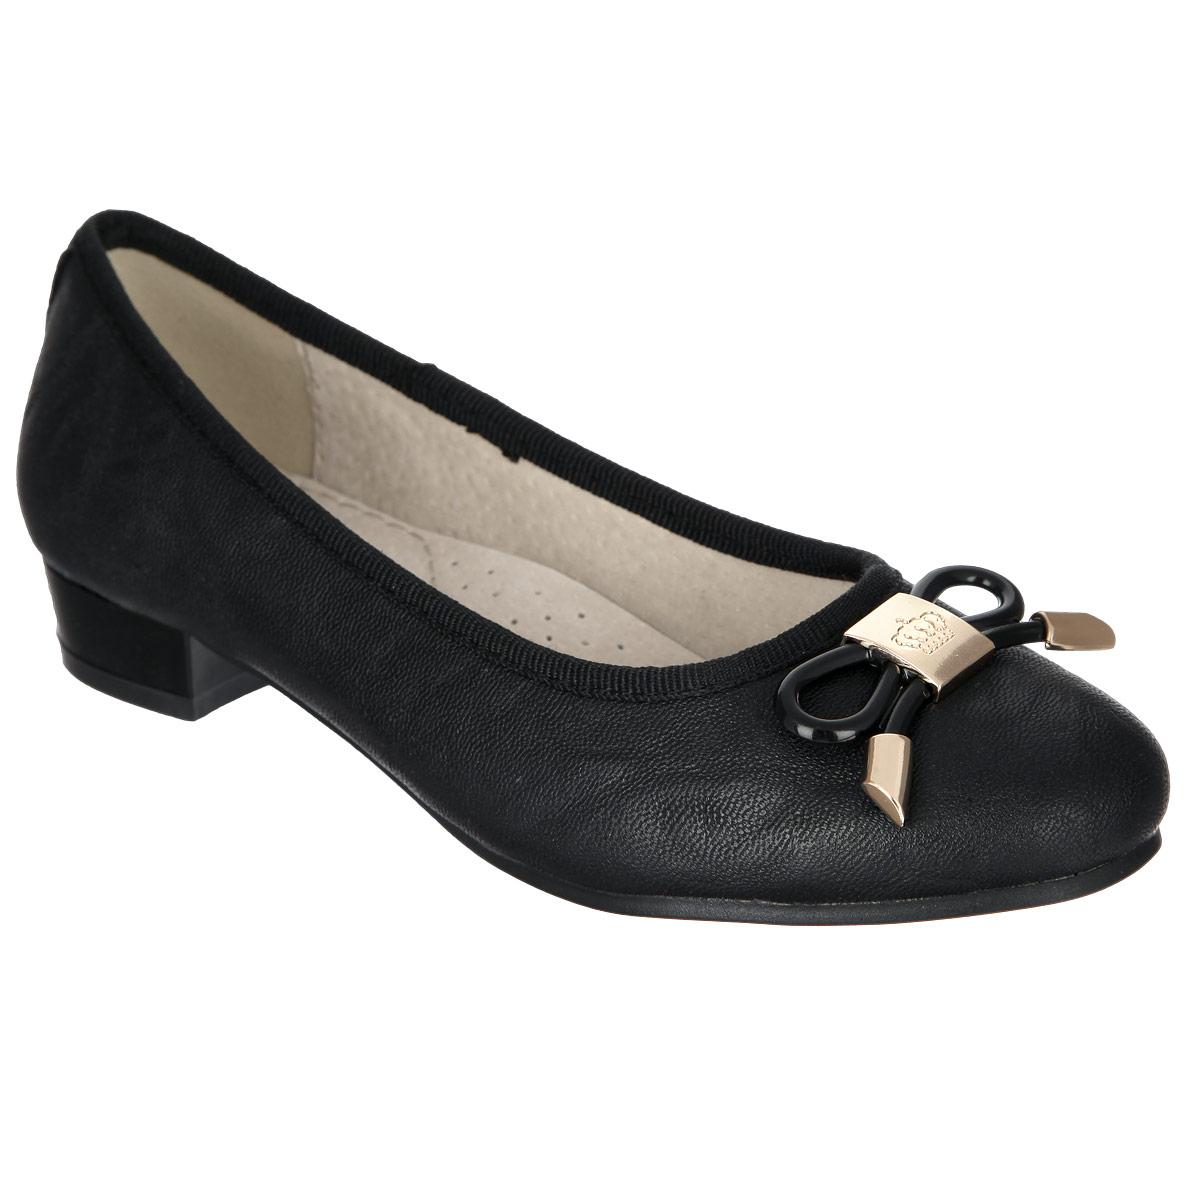 Туфли для девочки. 558337/01-05558337/01-05Прелестные туфли от Keddo очаруют вашу девочку с первого взгляда! Модель выполнена из искусственной кожи и оформлена текстильным кантом, задним наружным ремнем. Мыс украшен оригинальным бантом, выполненным из металла. Кожаная стелька дополнена супинатором, который обеспечивает правильное положение ноги ребенка при ходьбе, предотвращает плоскостопие. Перфорация на стельке позволяет ногам дышать. Каблук и подошва оснащены противоскользящим рифлением. Стильные туфли займут достойное место в гардеробе вашей девочки.